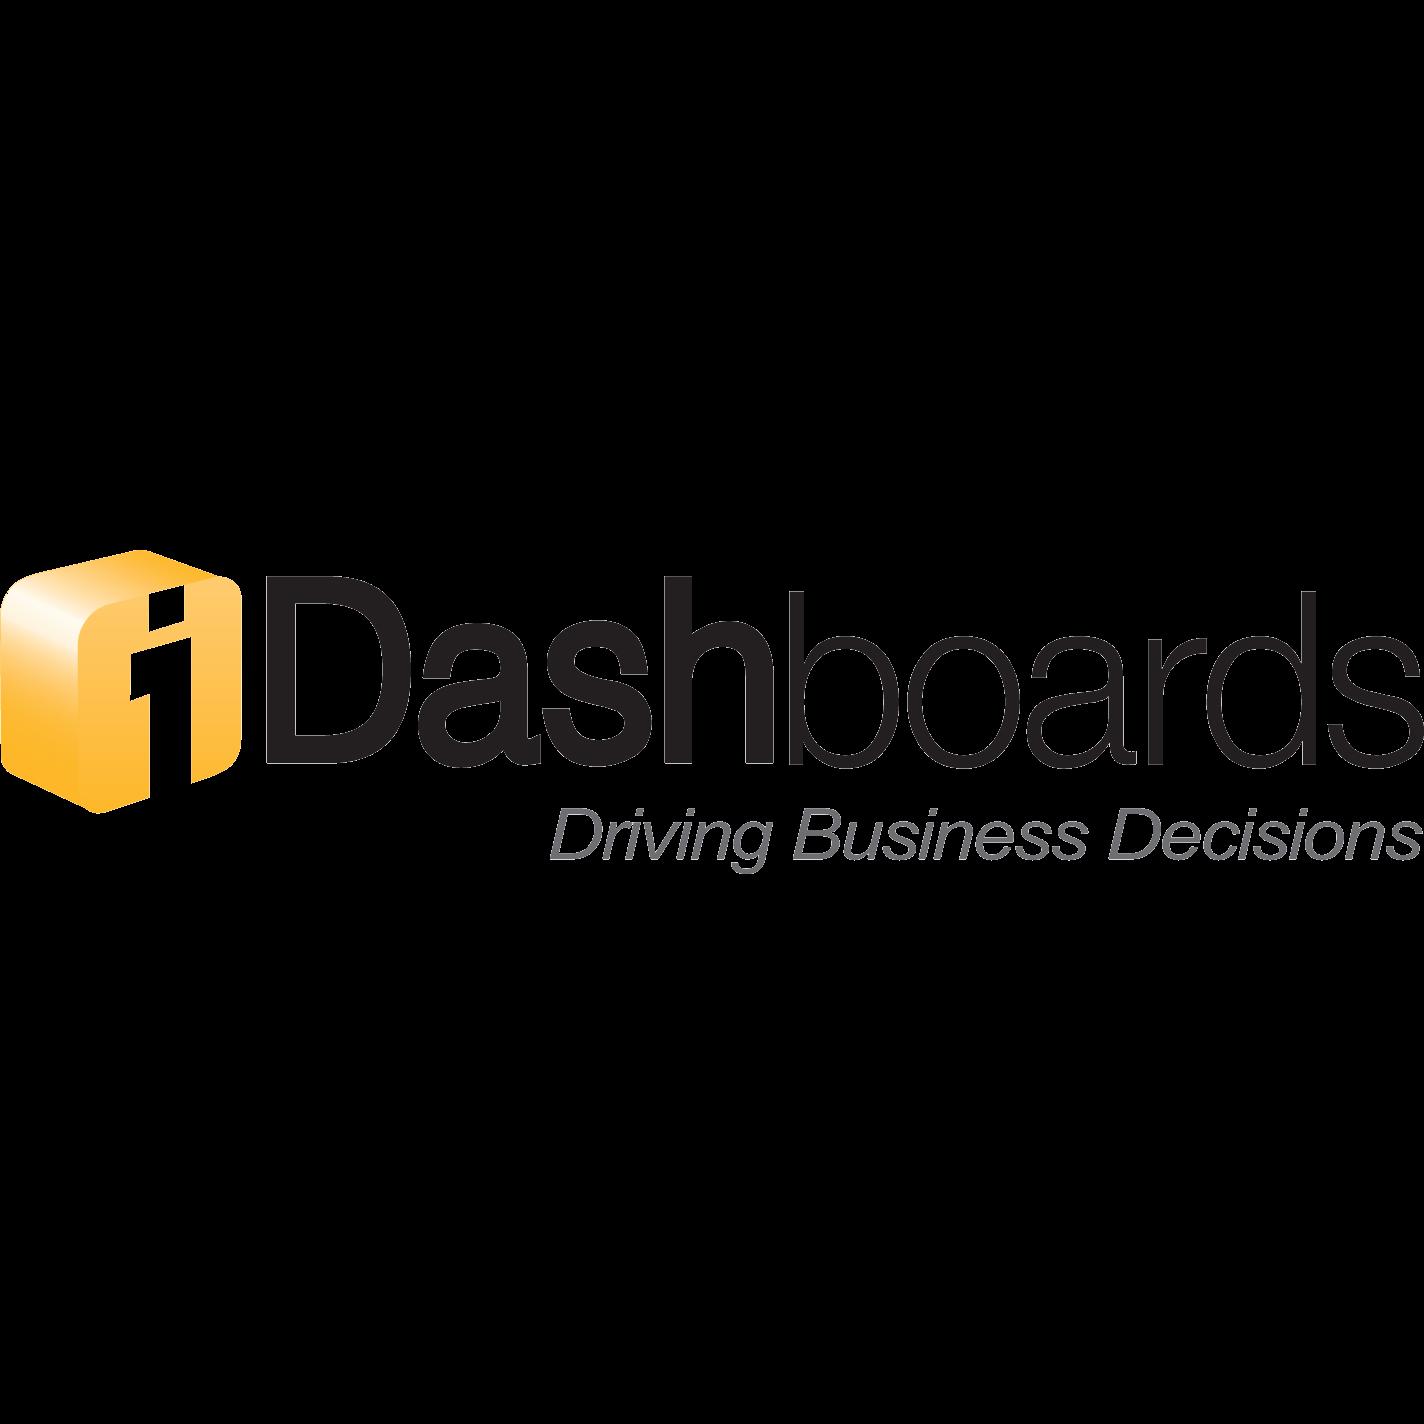 iDashboards